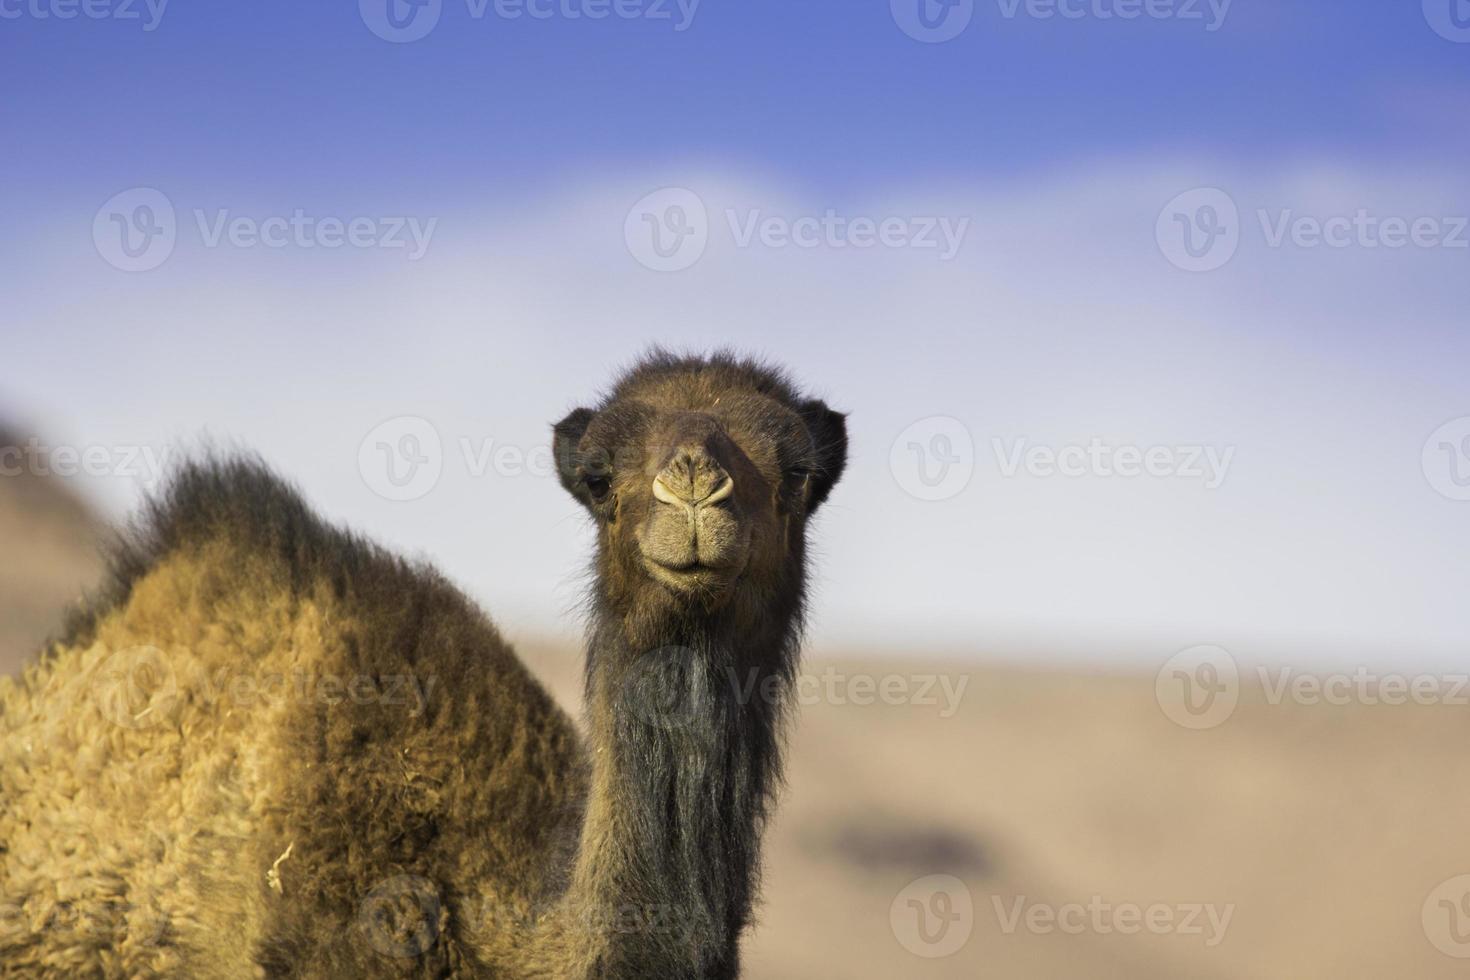 Camel staring at you in Sahara desert photo